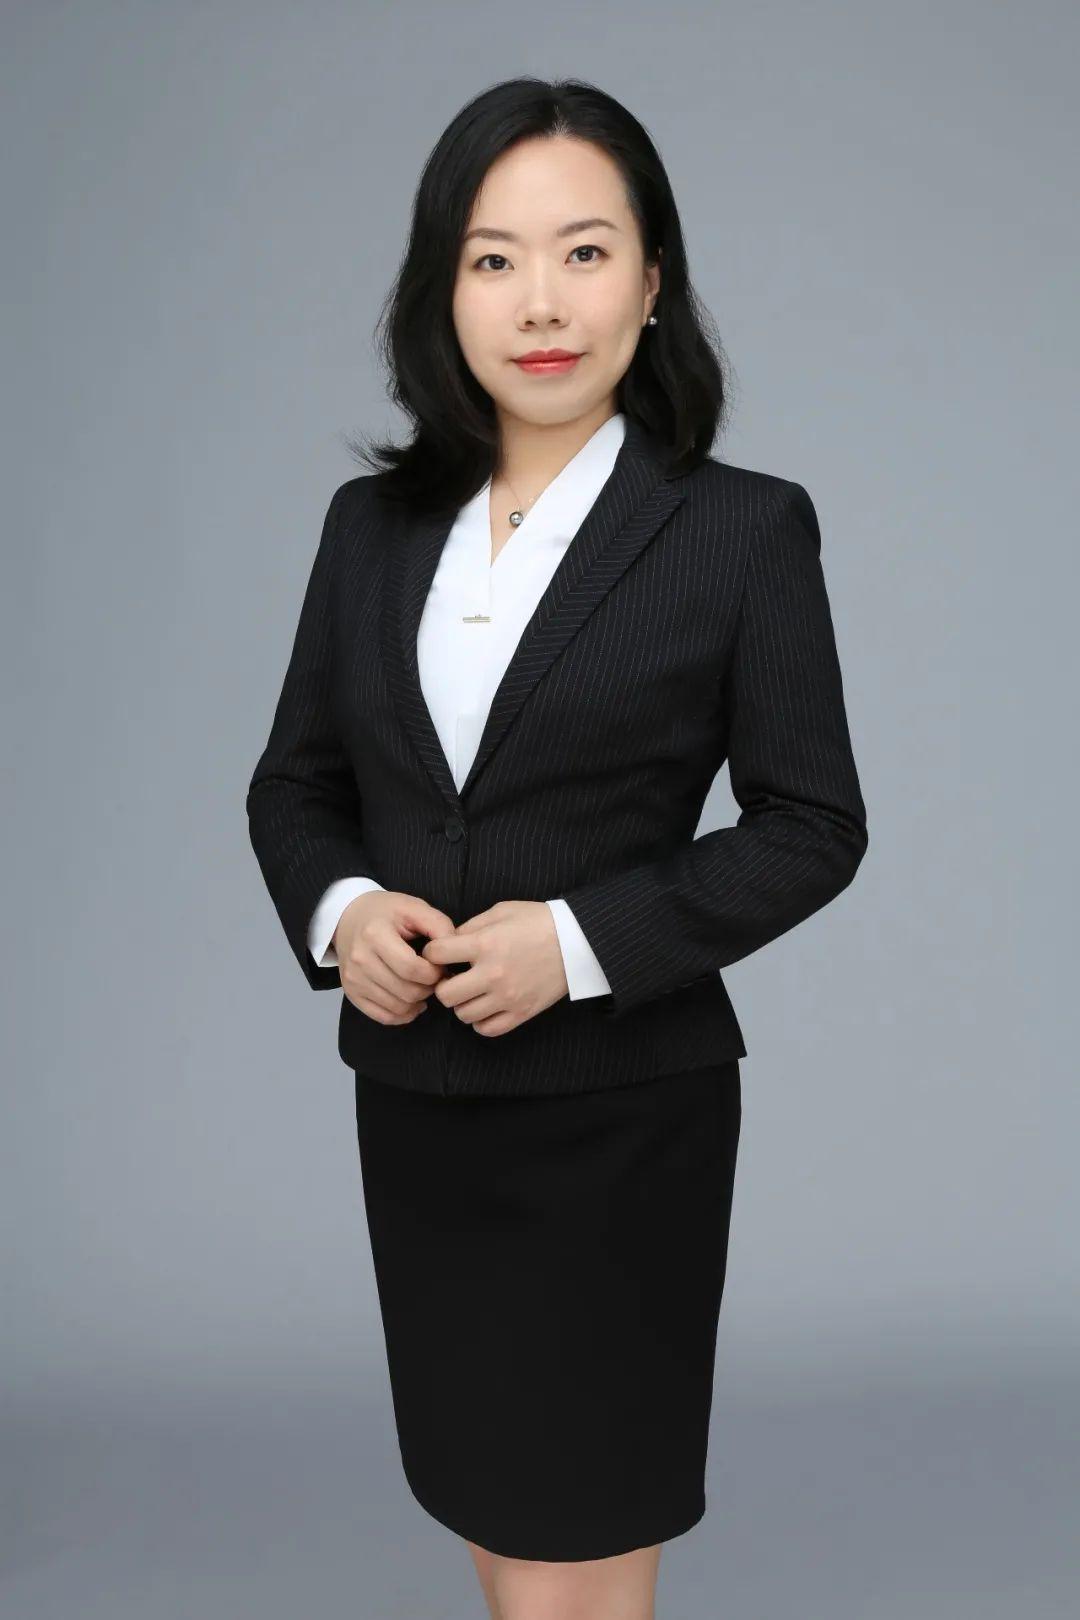 上海证券报专访 2020年医药冠军基金经理范洁:在好赛道里选好公司